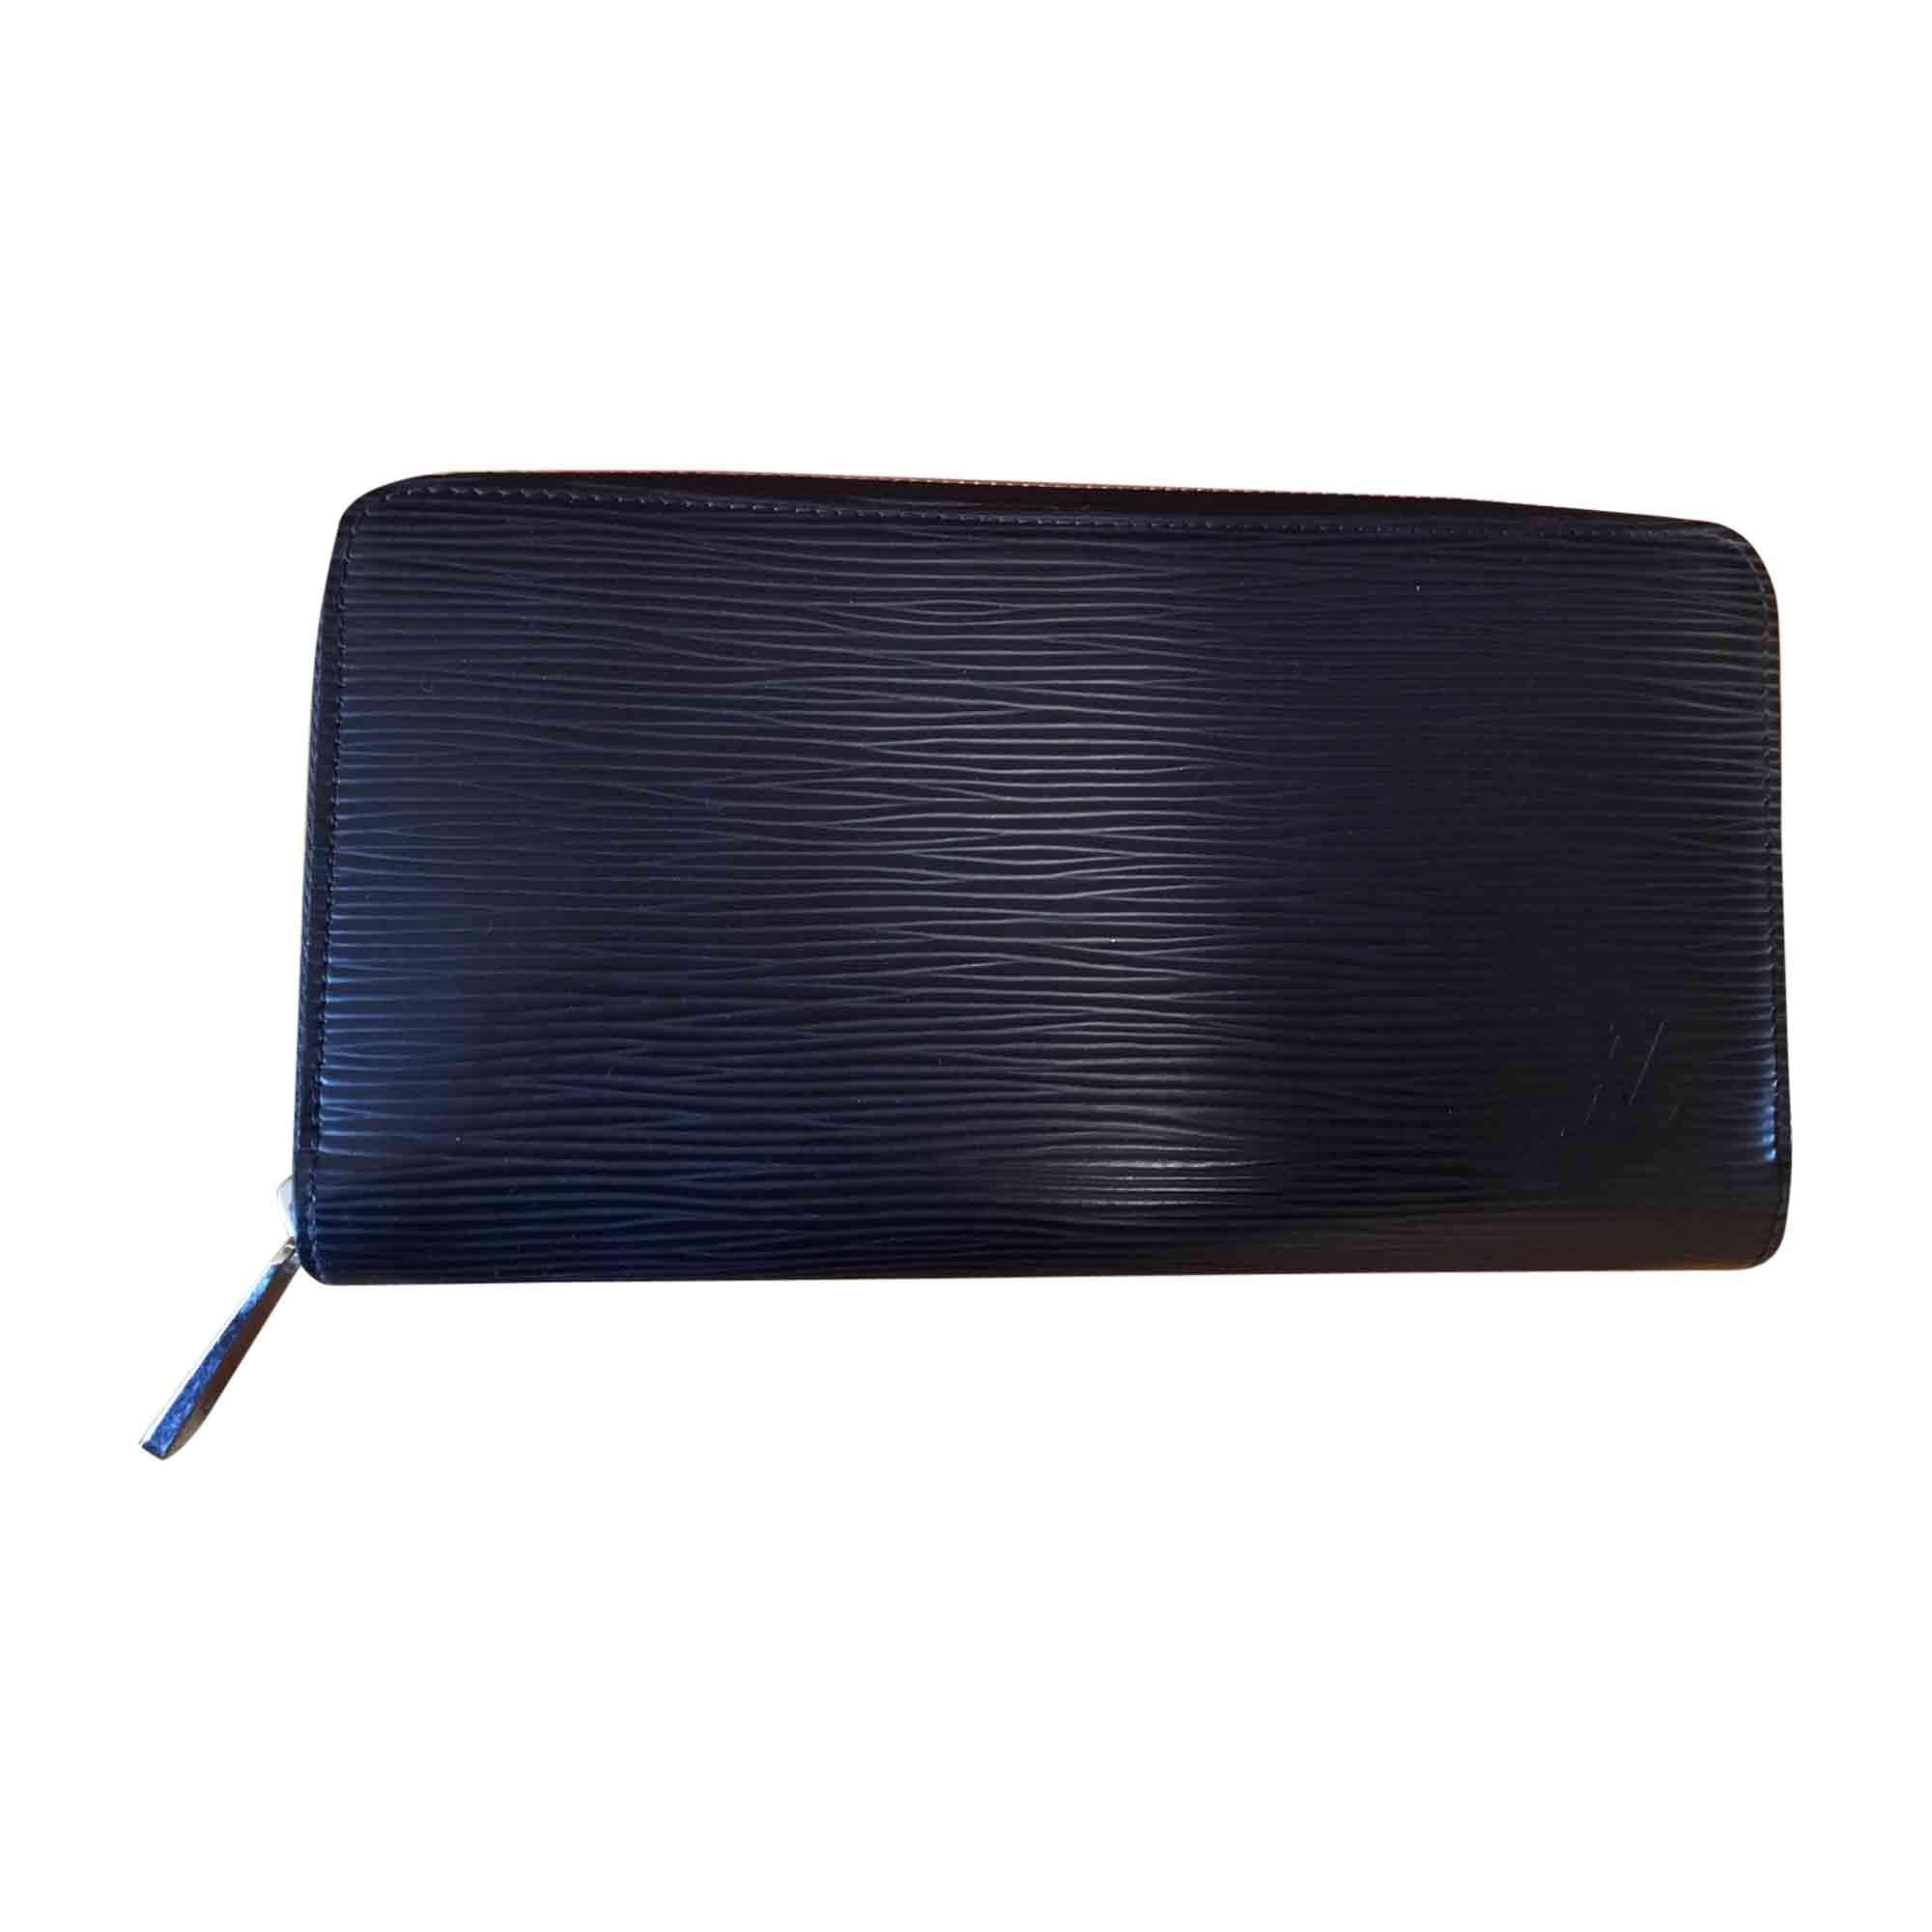 Portefeuille LOUIS VUITTON noir vendu par Roxanne 07585829 - 8293813 32178ccd7b0